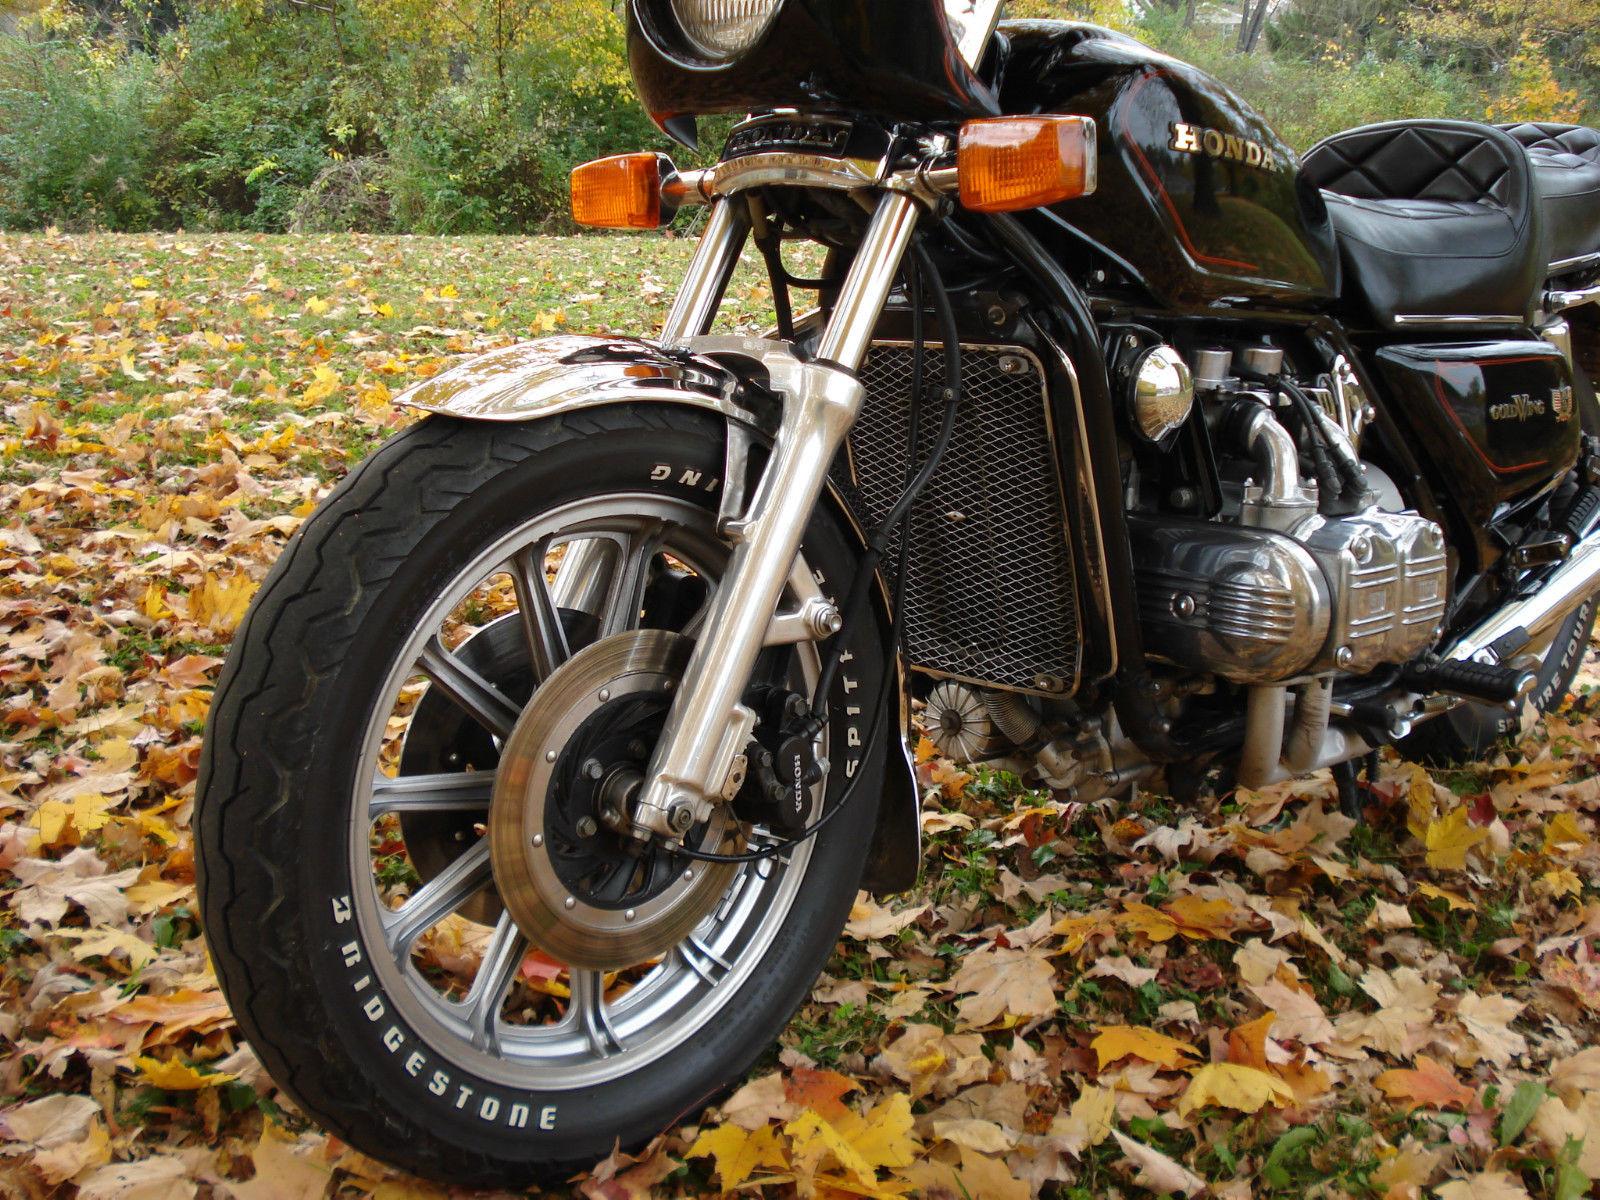 MH-14-FG Honda Goldwing GL1100 naked bike